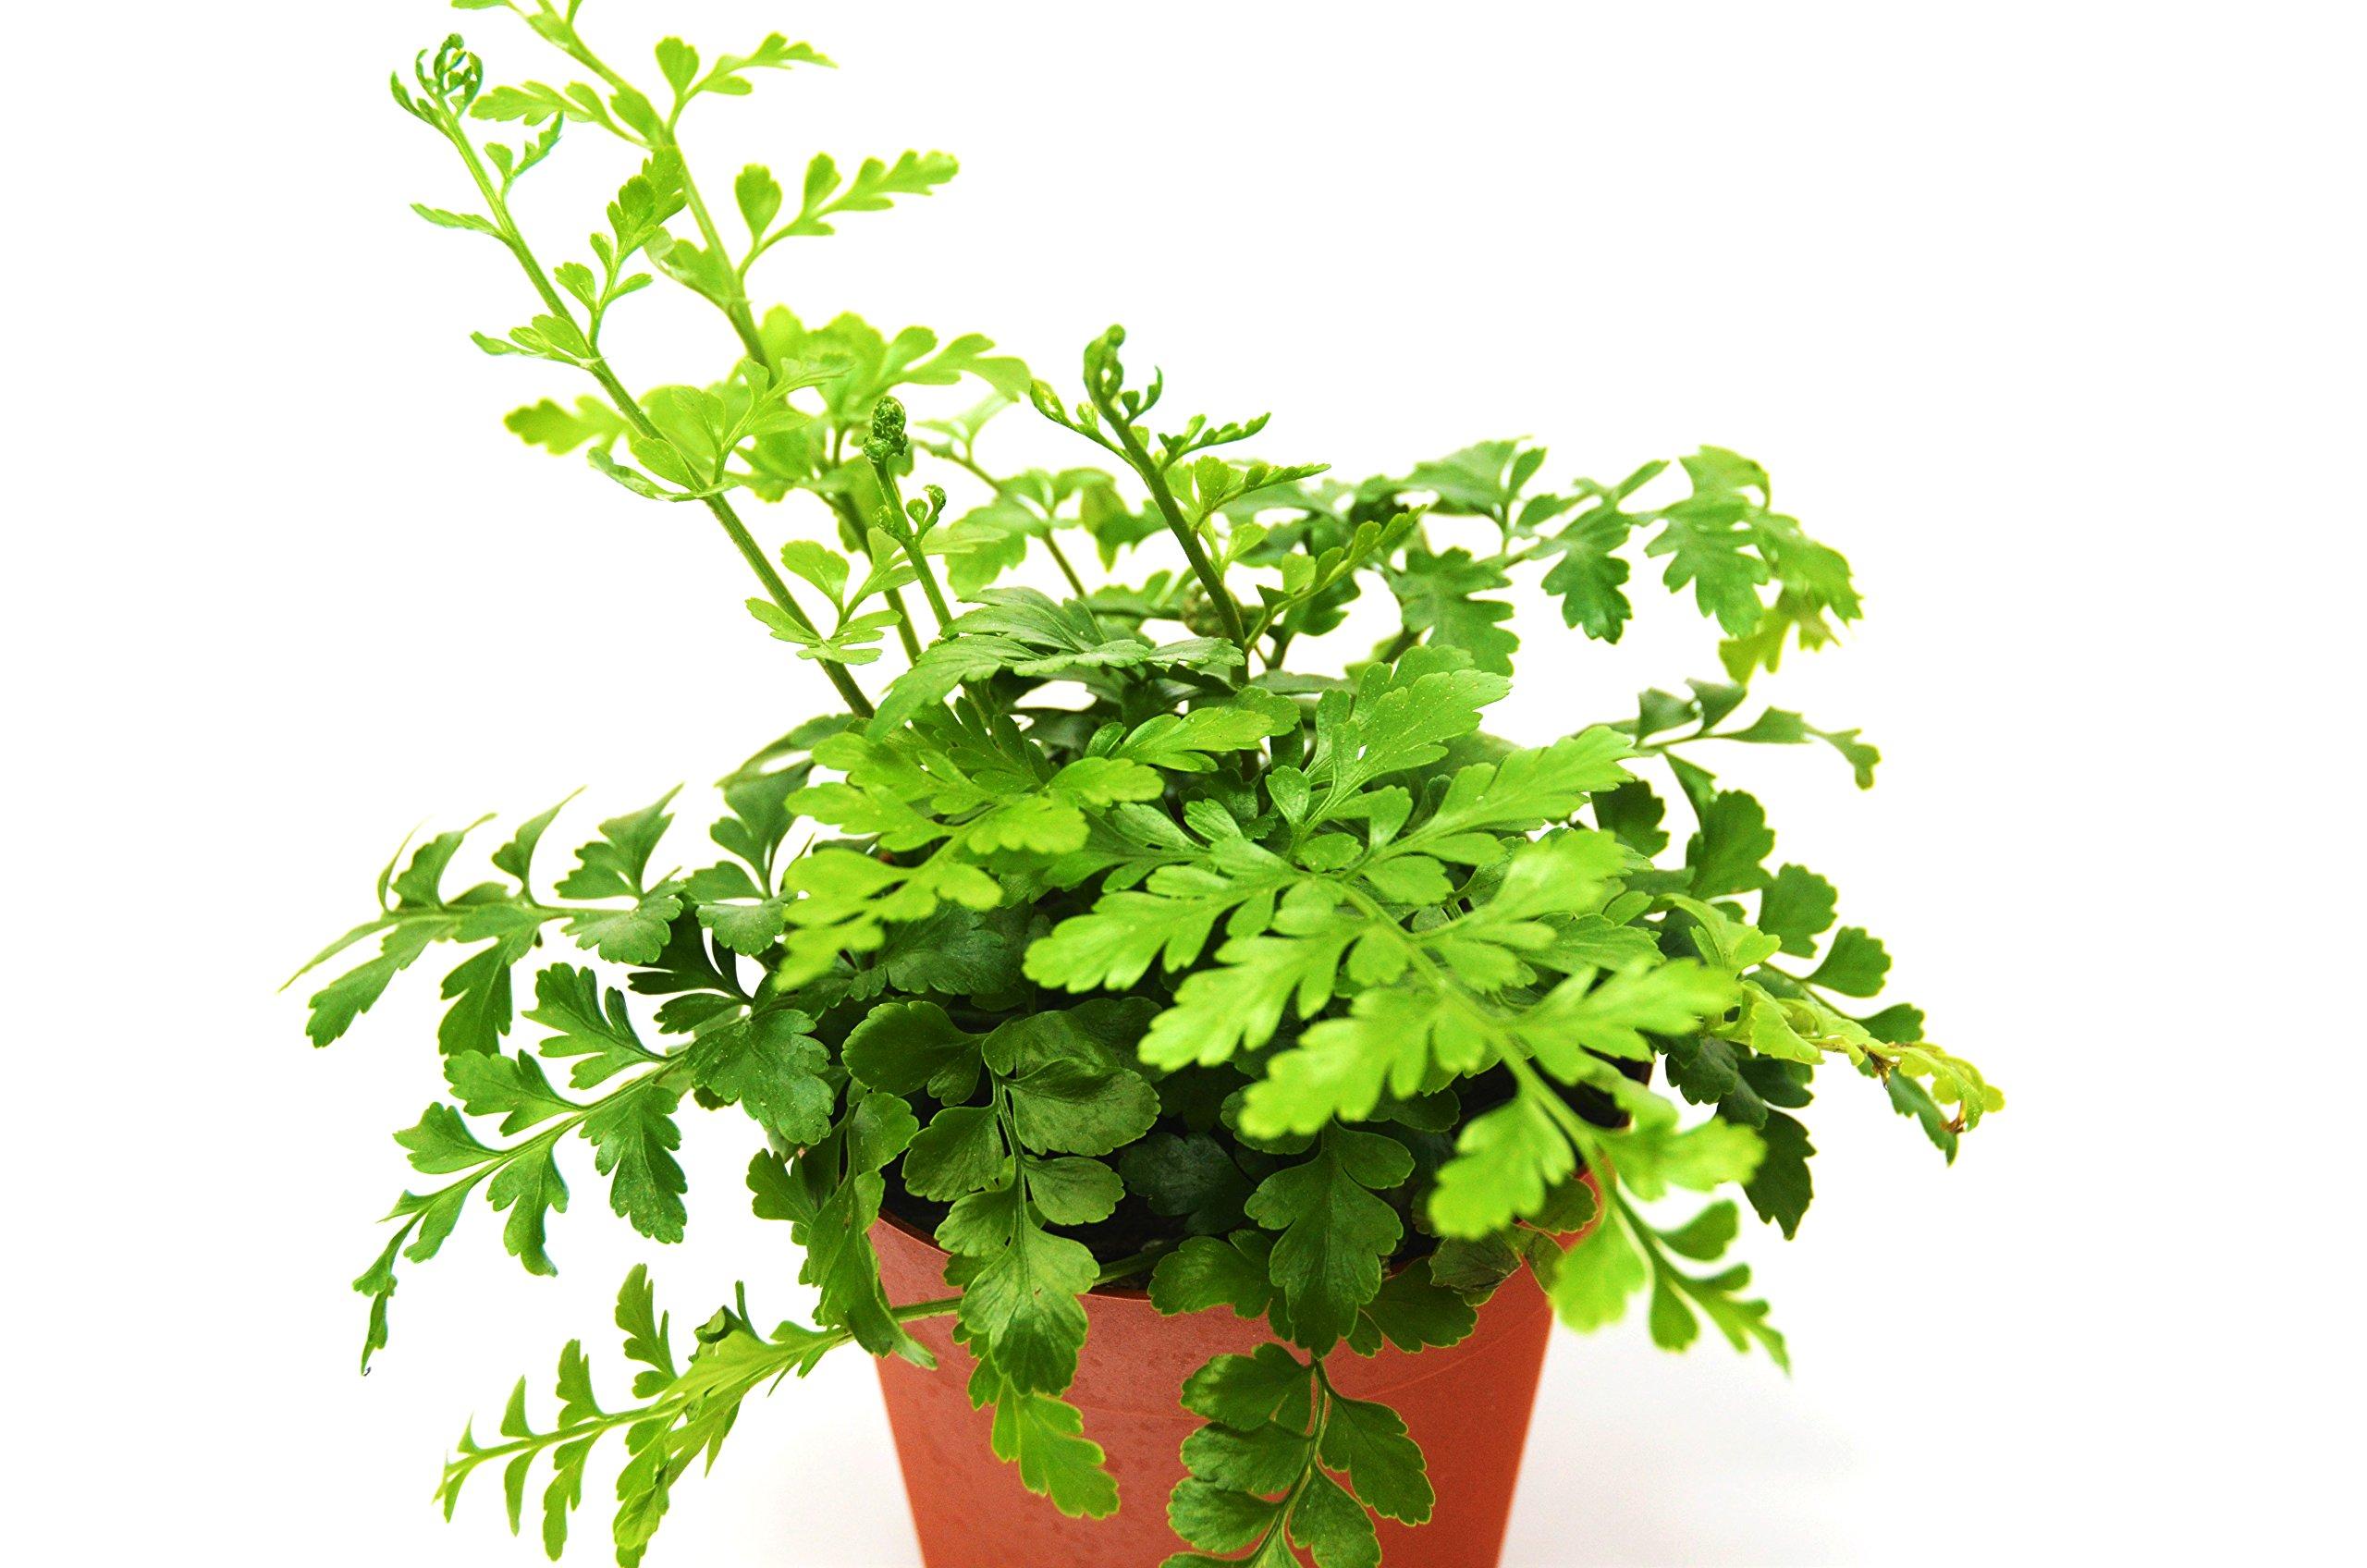 Austral Gem Fern - Live Plant - FREE Care Guide - 4'' Pot - Low Light House Plant by House Plant Shop